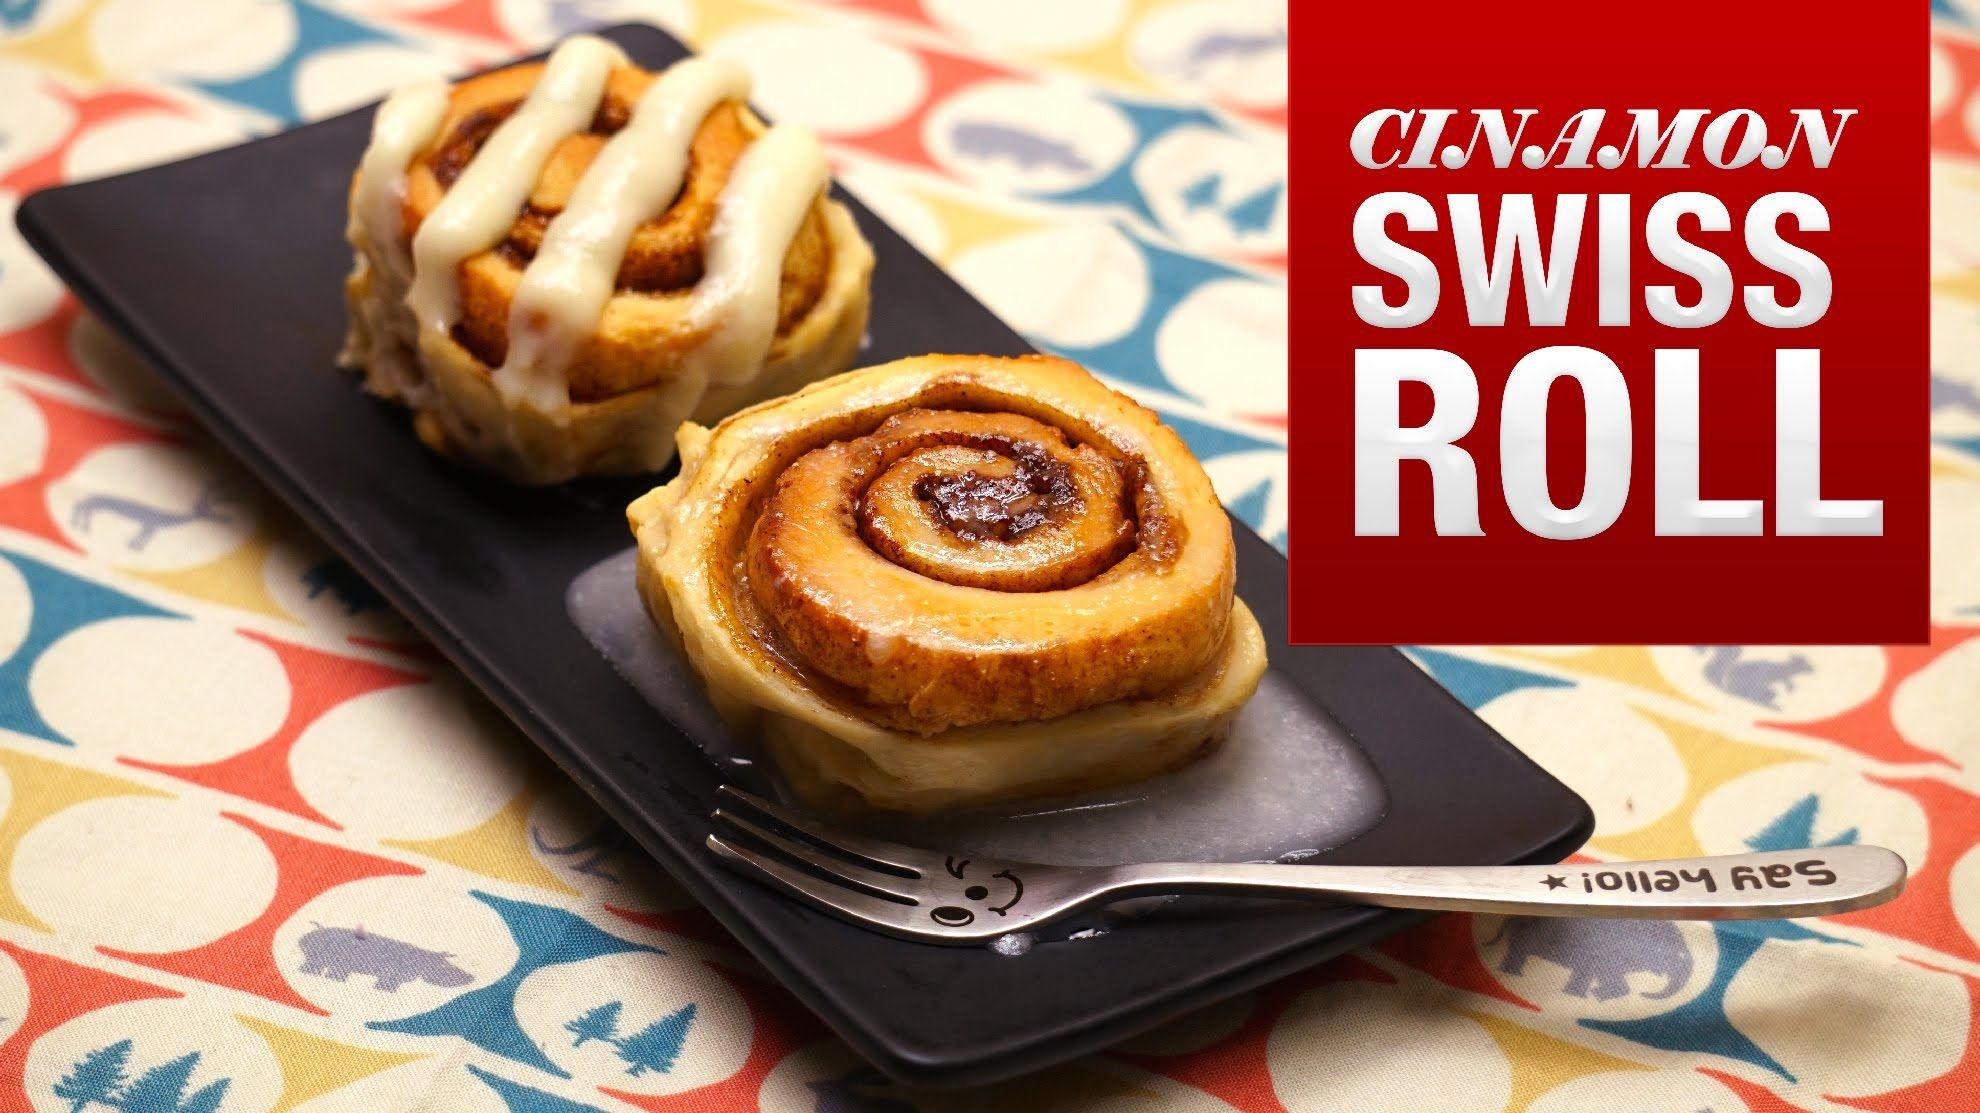 시나몬 스위스롤 만들기 How to Make Cinamon Swiss Roll! - Ari Kitchen